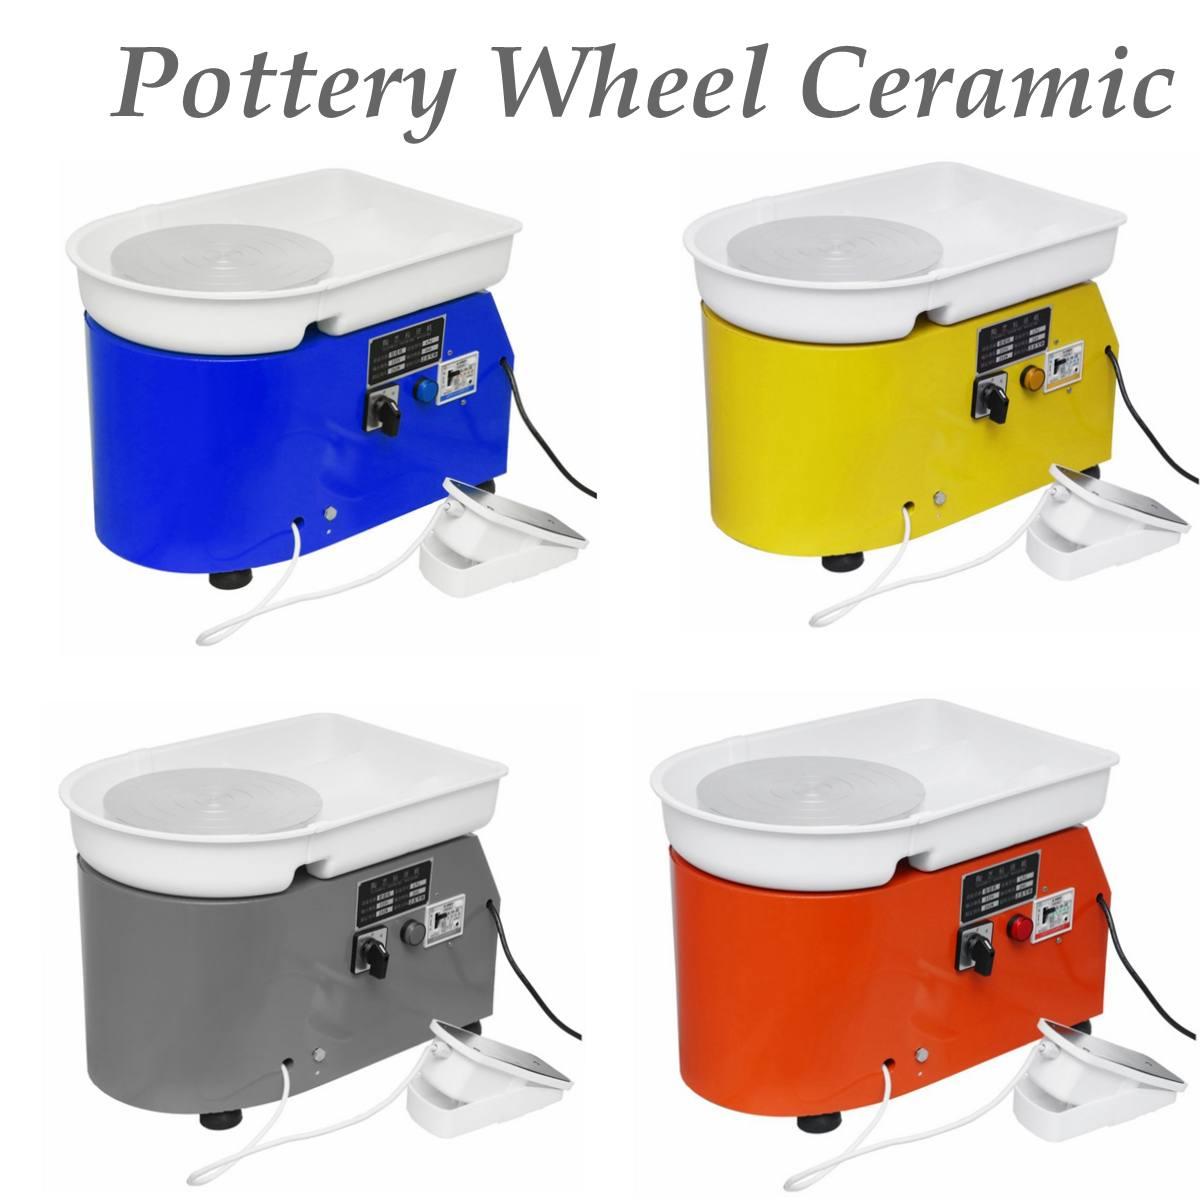 Platine 250 W/350 W Électrique Visites Roue Poterie Machine argile céramique Potter Art Pour Travail En Céramique Céramique 110 V /220 V